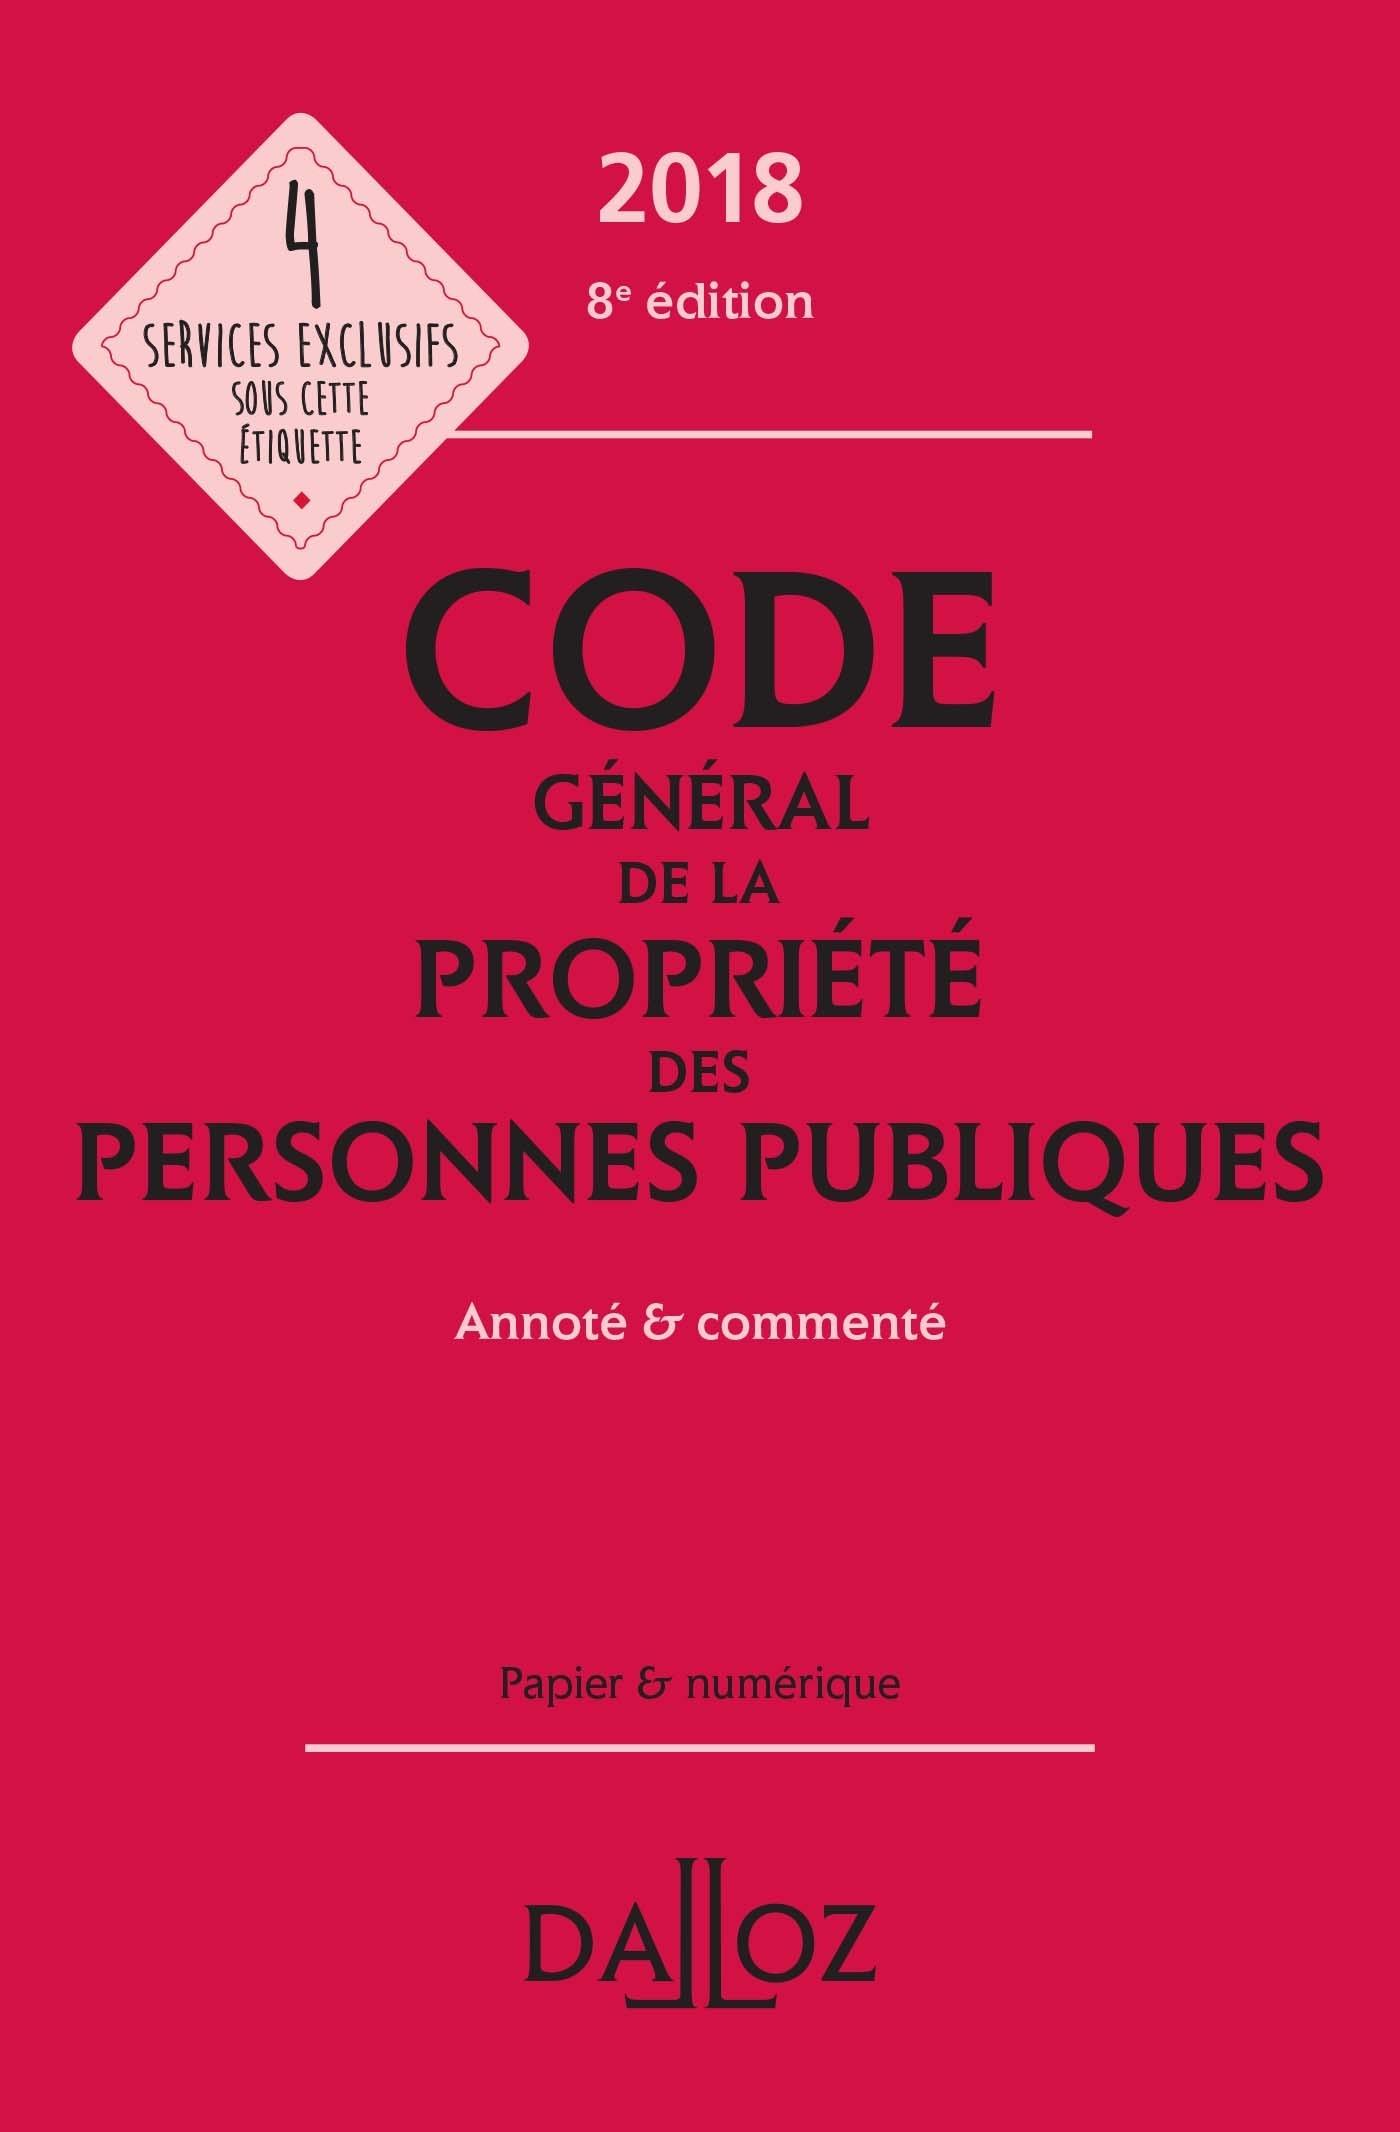 CODE GENERAL DE LA PROPRIETE DES PERSONNES PUBLIQUES 2018 ANNOTE ET COMMENTE - 8E ED.